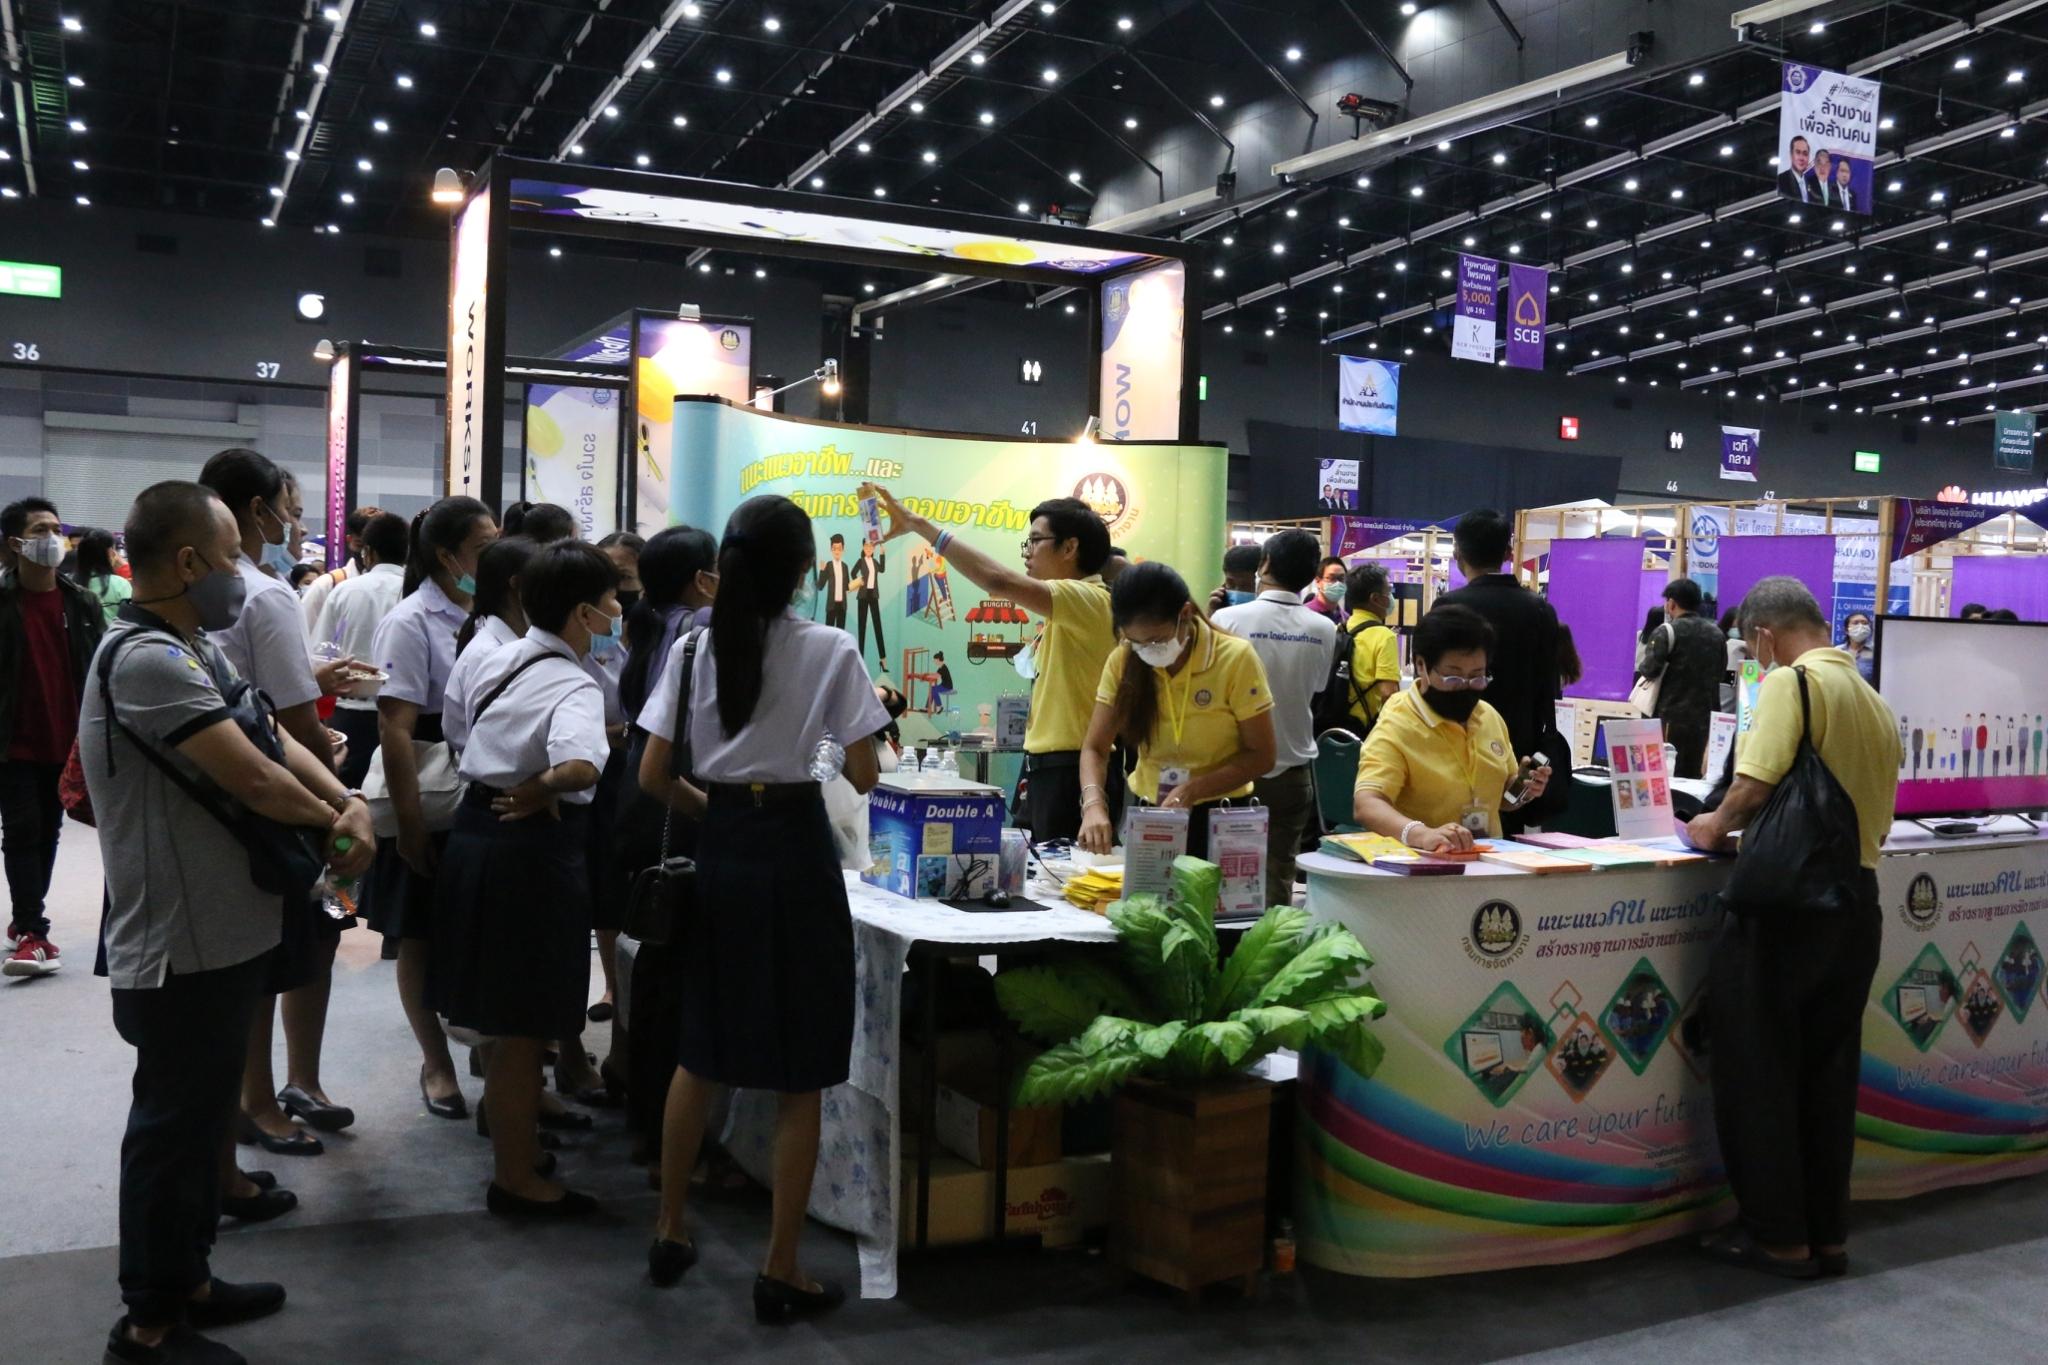 กส.ร่วมจัดกิจกรรมในงาน Job Expo Thailand 2020